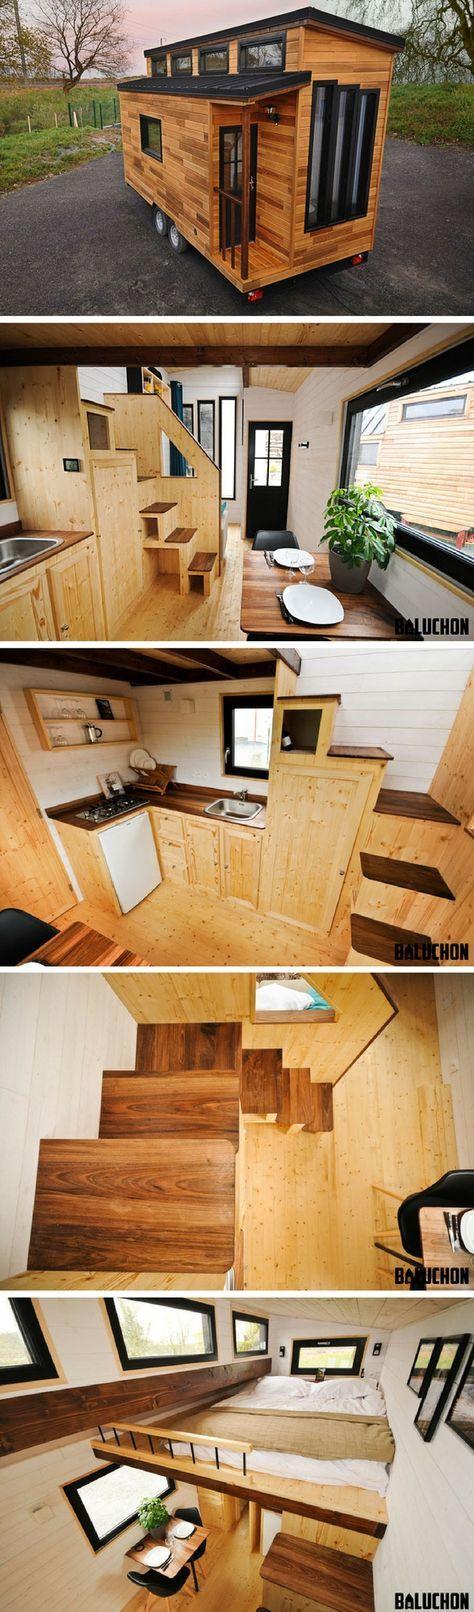 M s de 25 ideas incre bles sobre escalera tijera en for Escalera madera portatil